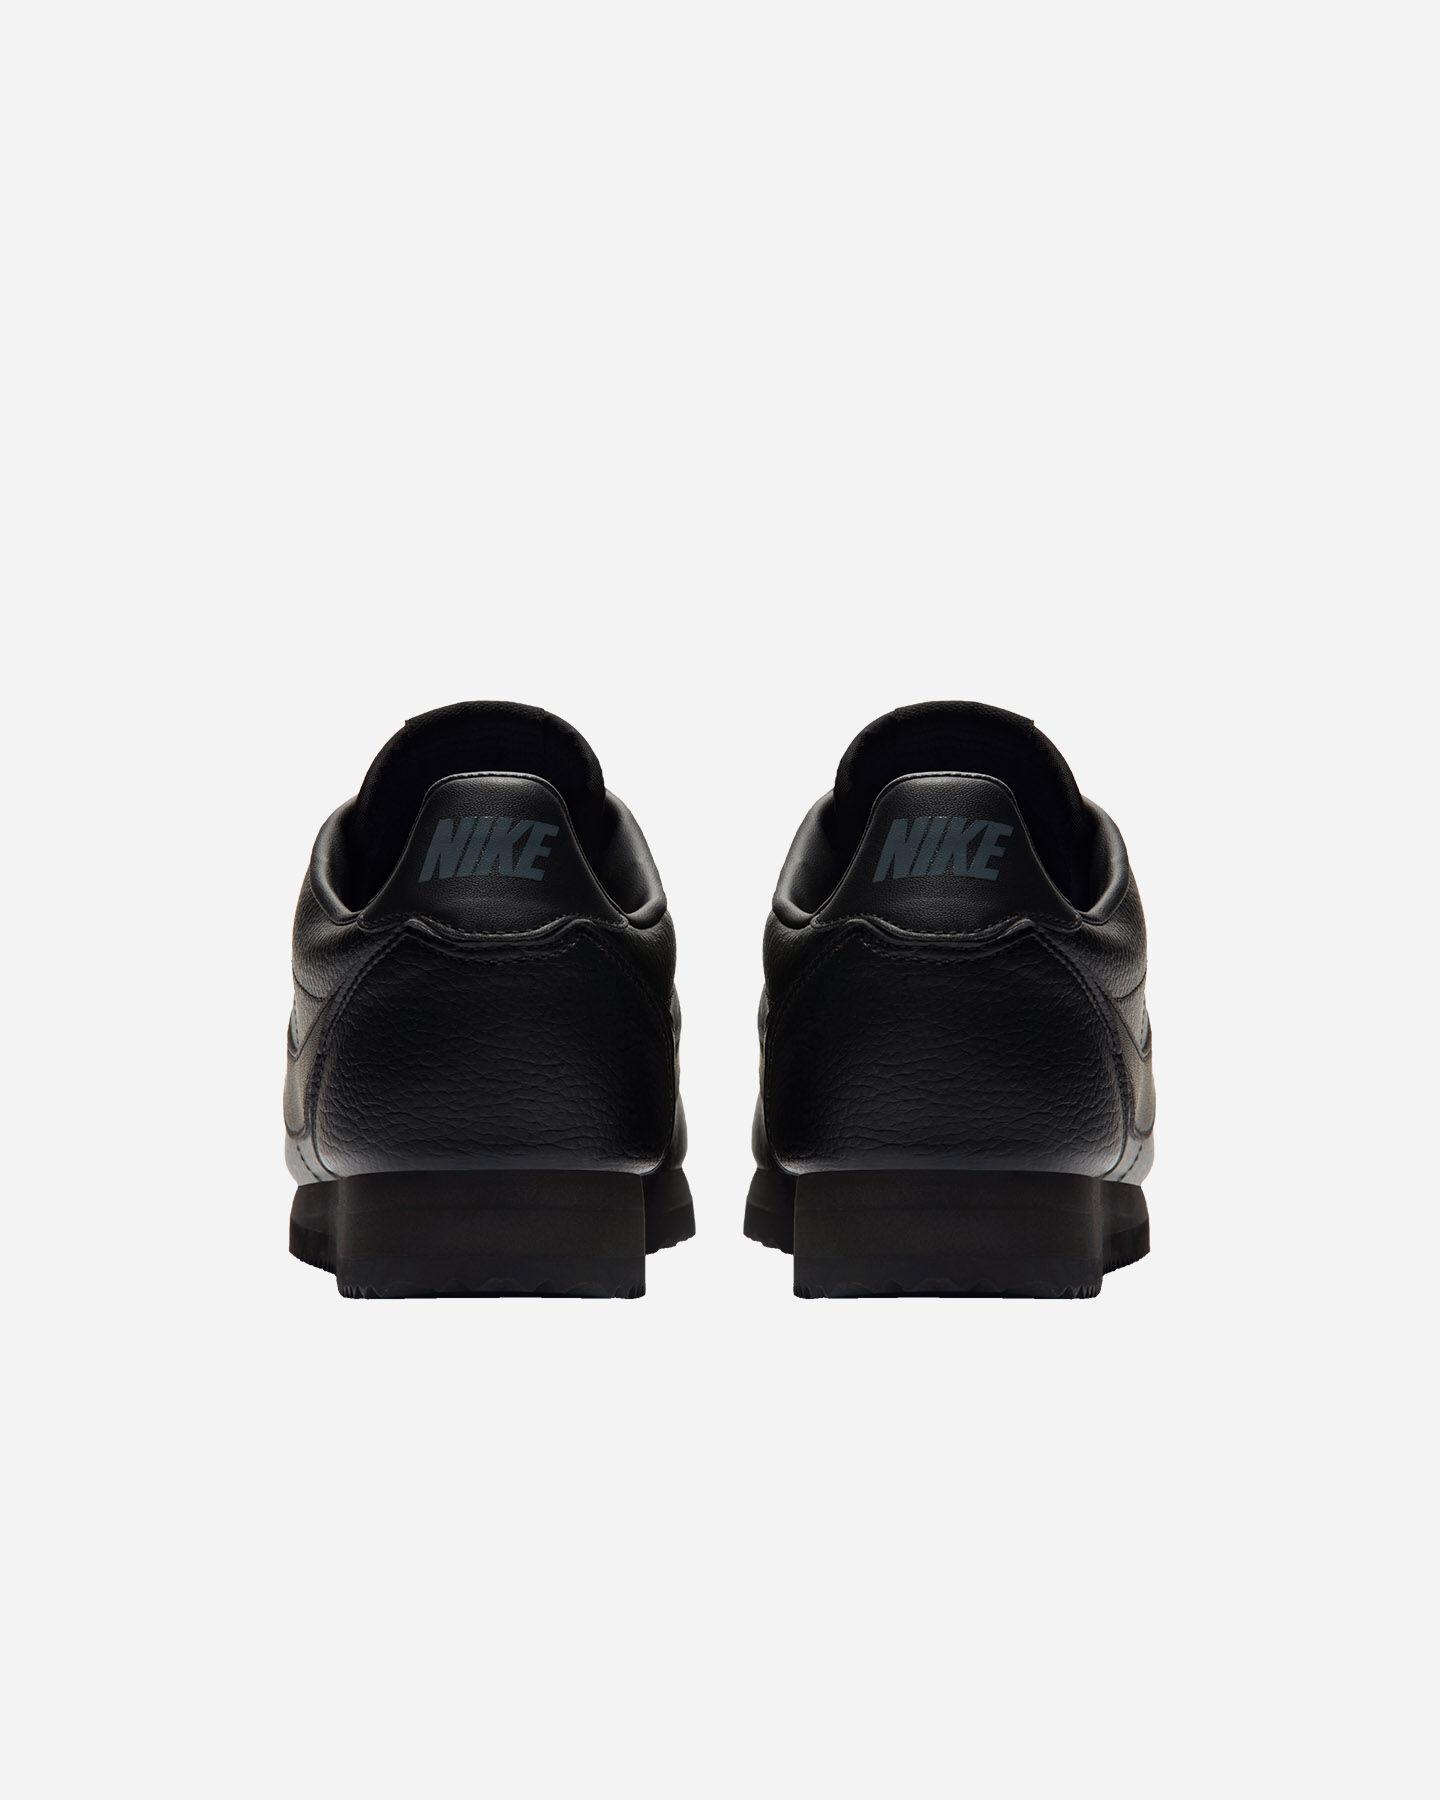 Scarpe sneakers NIKE CLASSIC CORTEZ LEATHER M S4019300 scatto 4